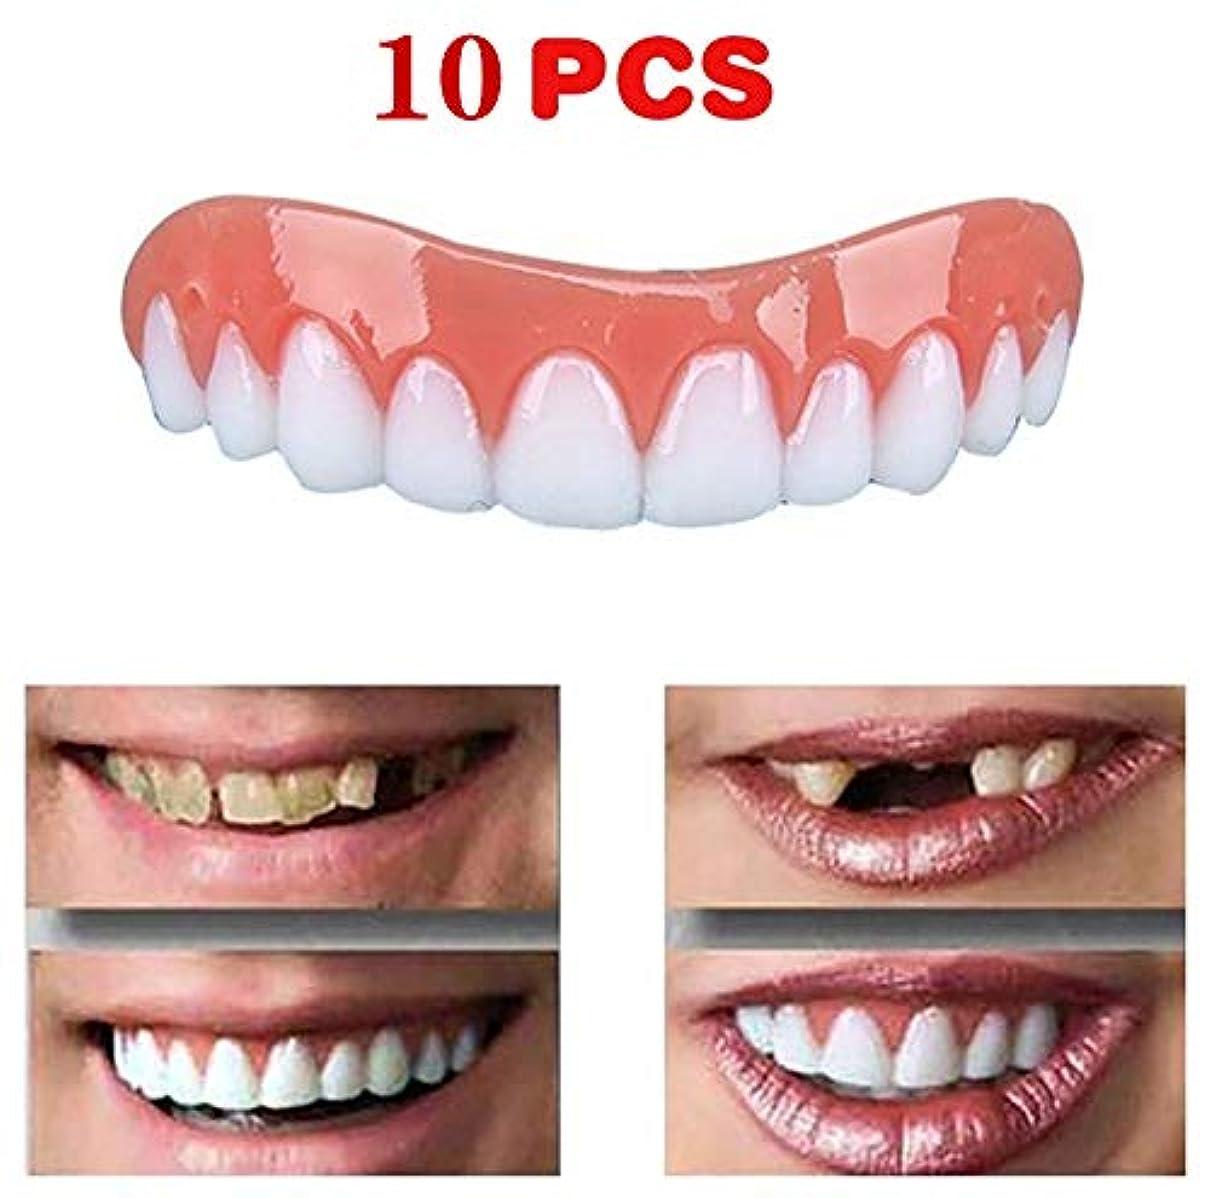 人工的な不適切な殺します新しい再利用可能な大人のスナップオンパーフェクトスマイルホワイトニング義歯フィットフレックス化粧品歯快適なベニアカバーデンタルケアアクセサリー